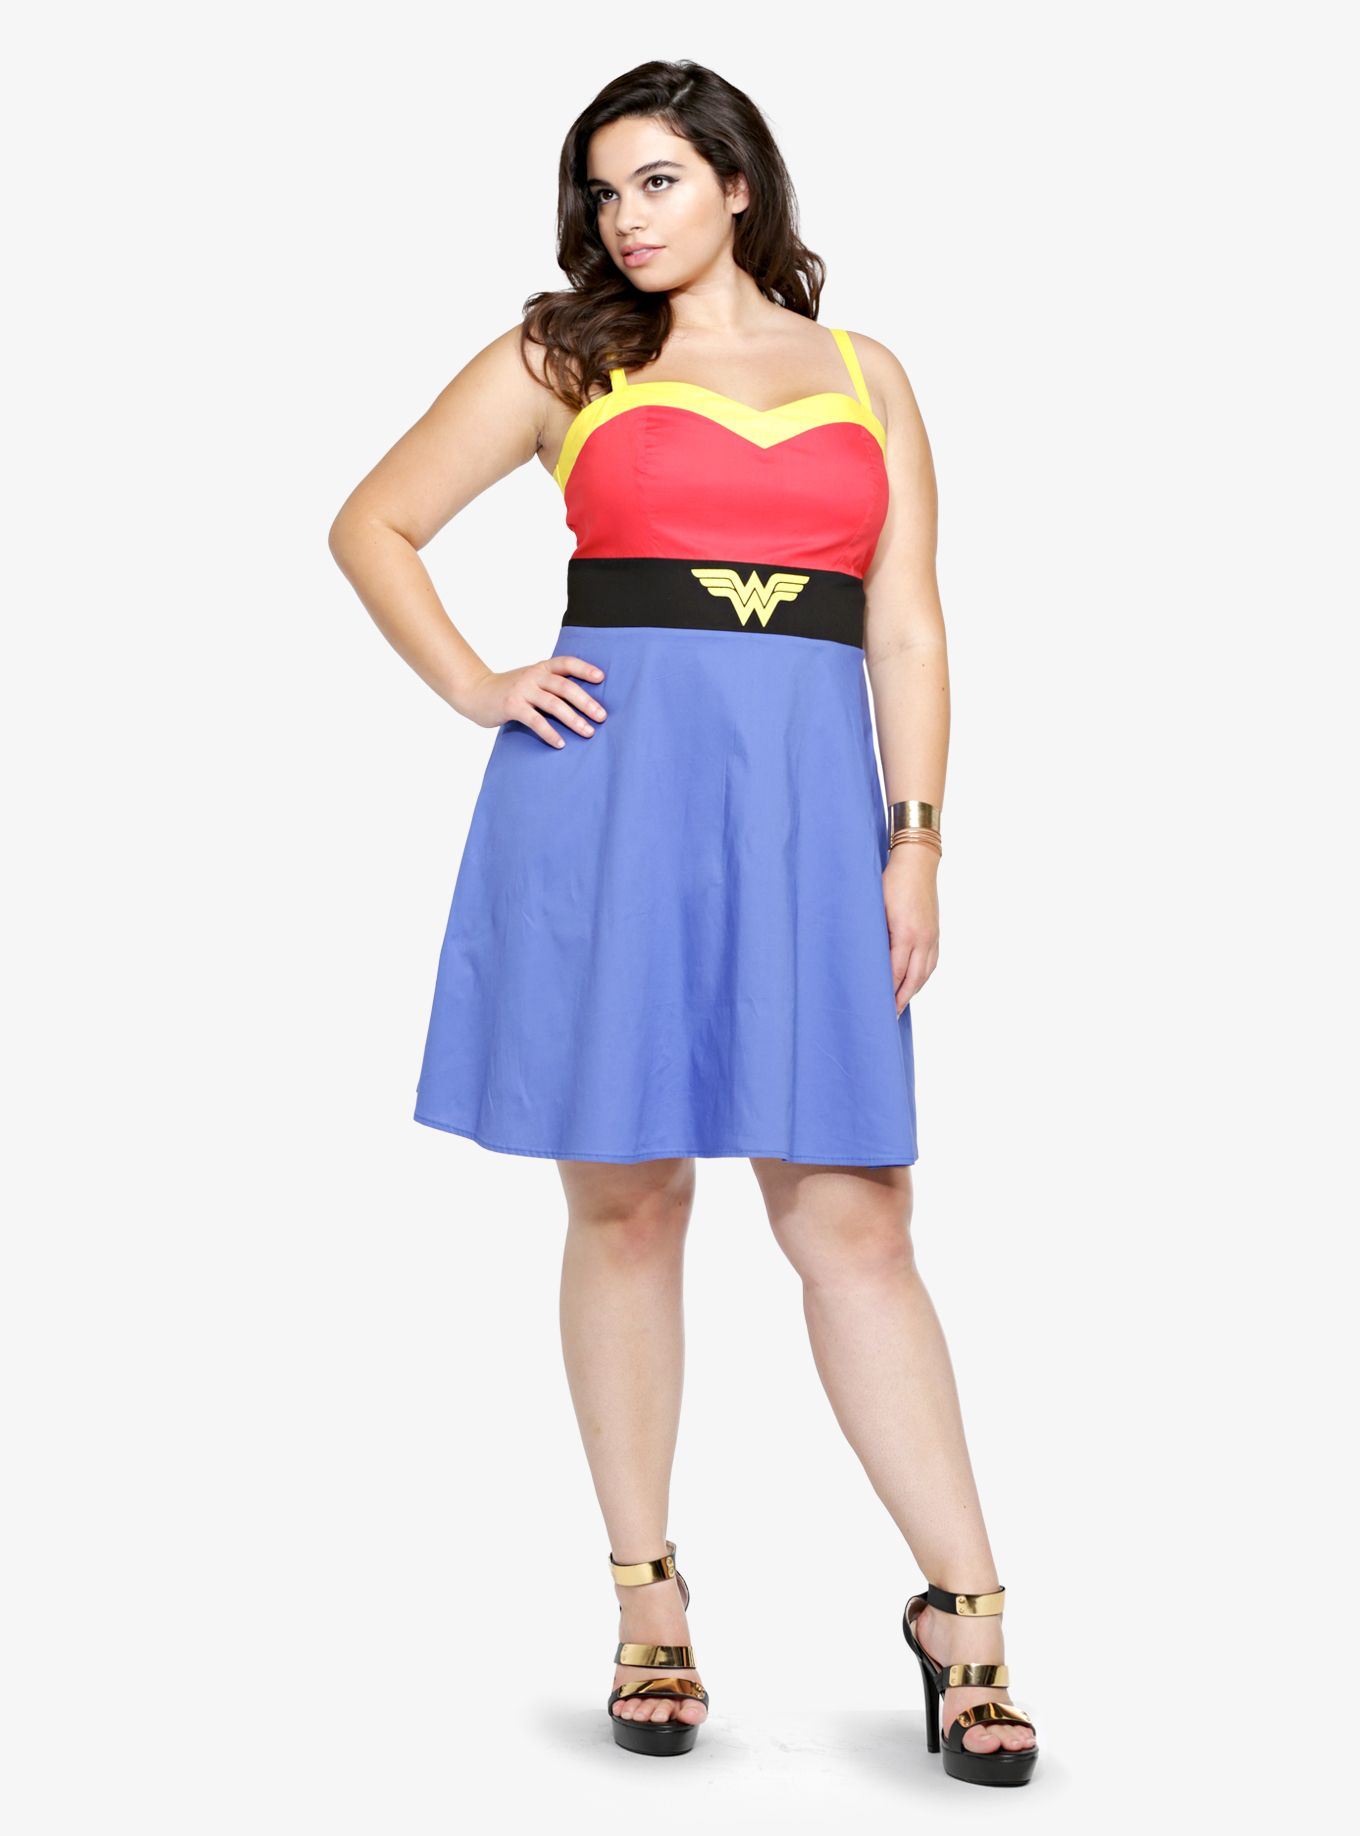 Dress size 24 torrid dress 24 torrid black and white draped v neck - Wonder Woman Skater Dress Torrid